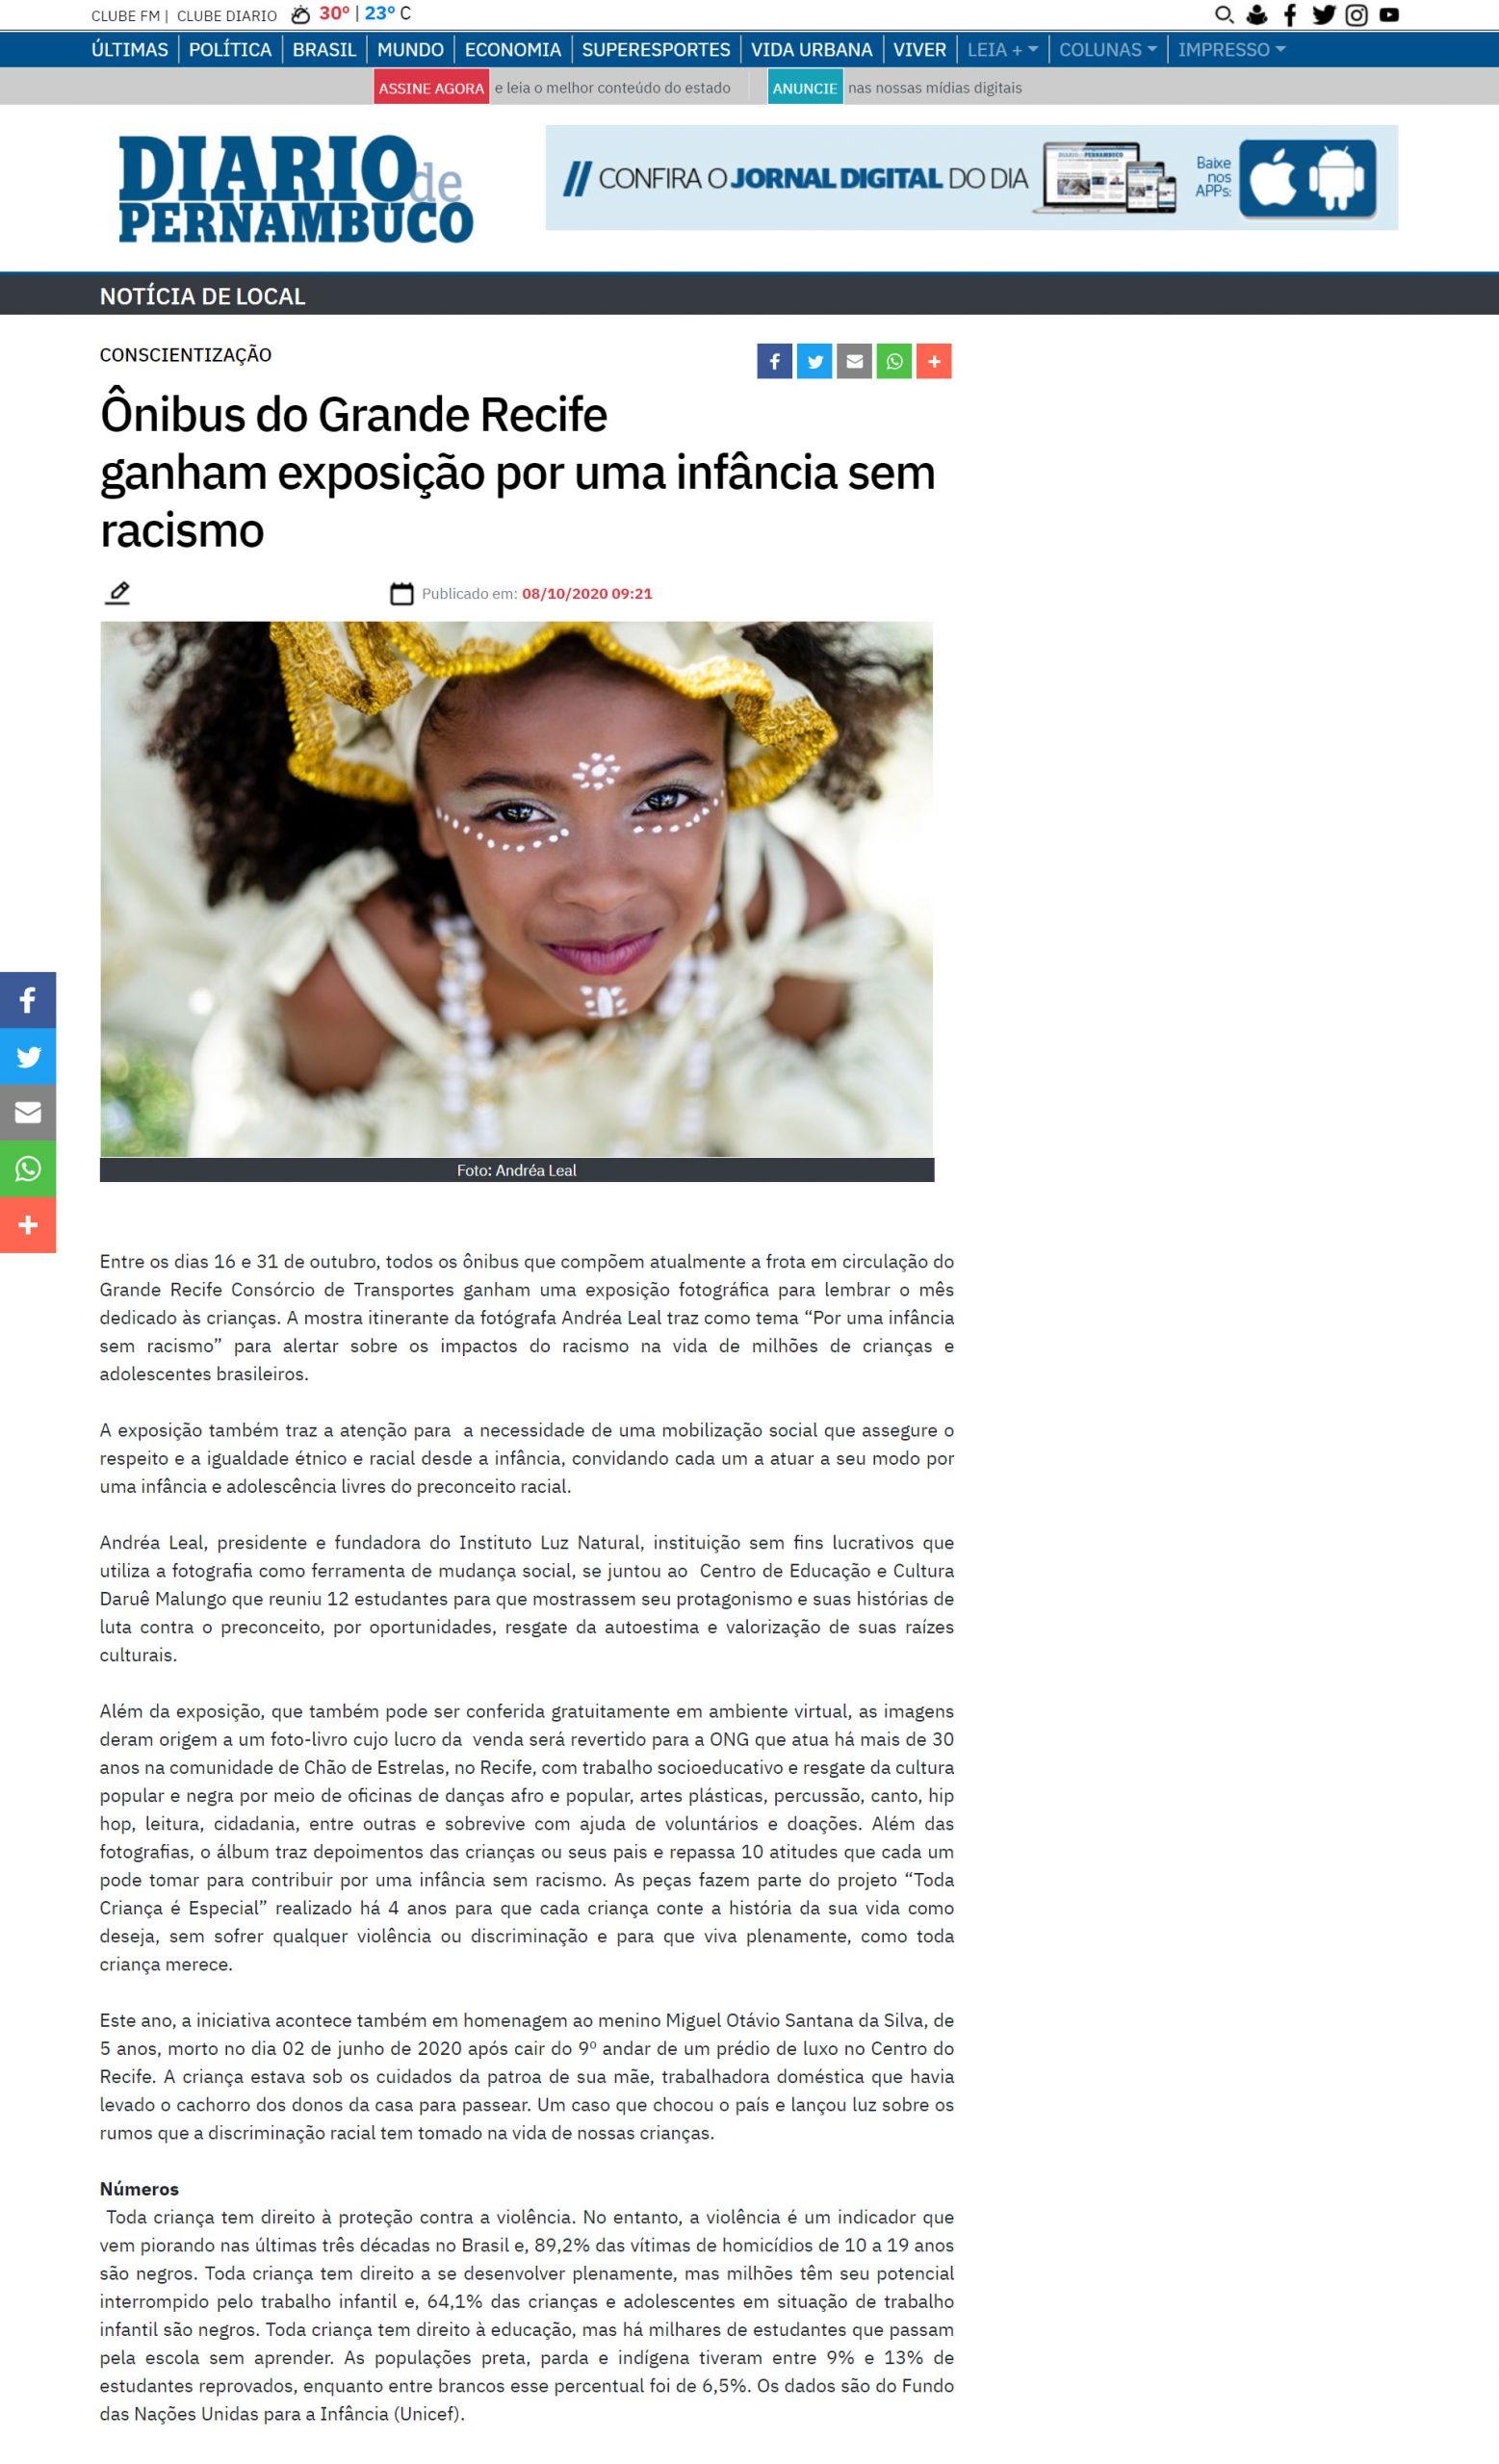 screencapture-diariodepernambuco-br-noticia-vidaurbana-2020-10-onibus-do-grande-recife-ganham-exposicao-por-uma-infancia-sem-racismo-html-2020-10-13-16_17_46